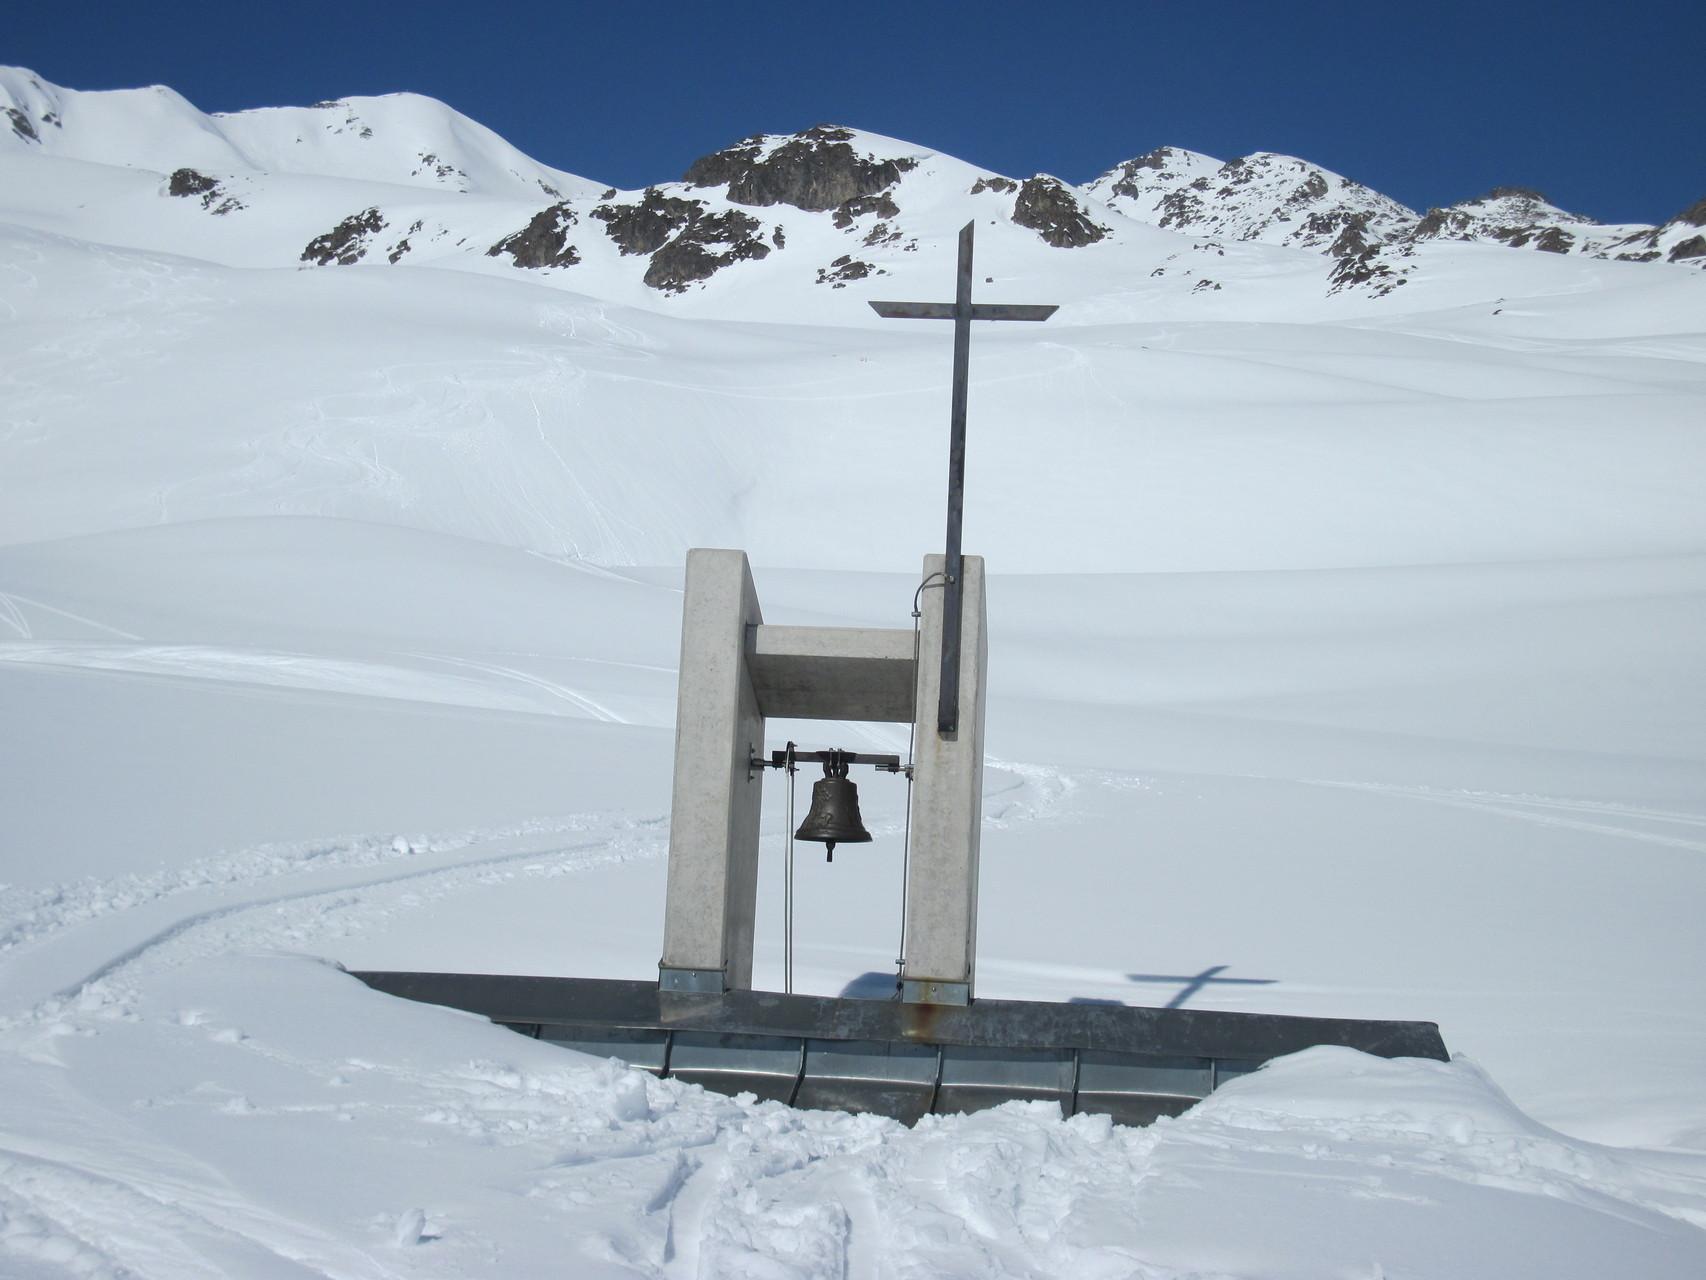 Kapelle Obere Feselalp...nur der Turm guckt hervor!